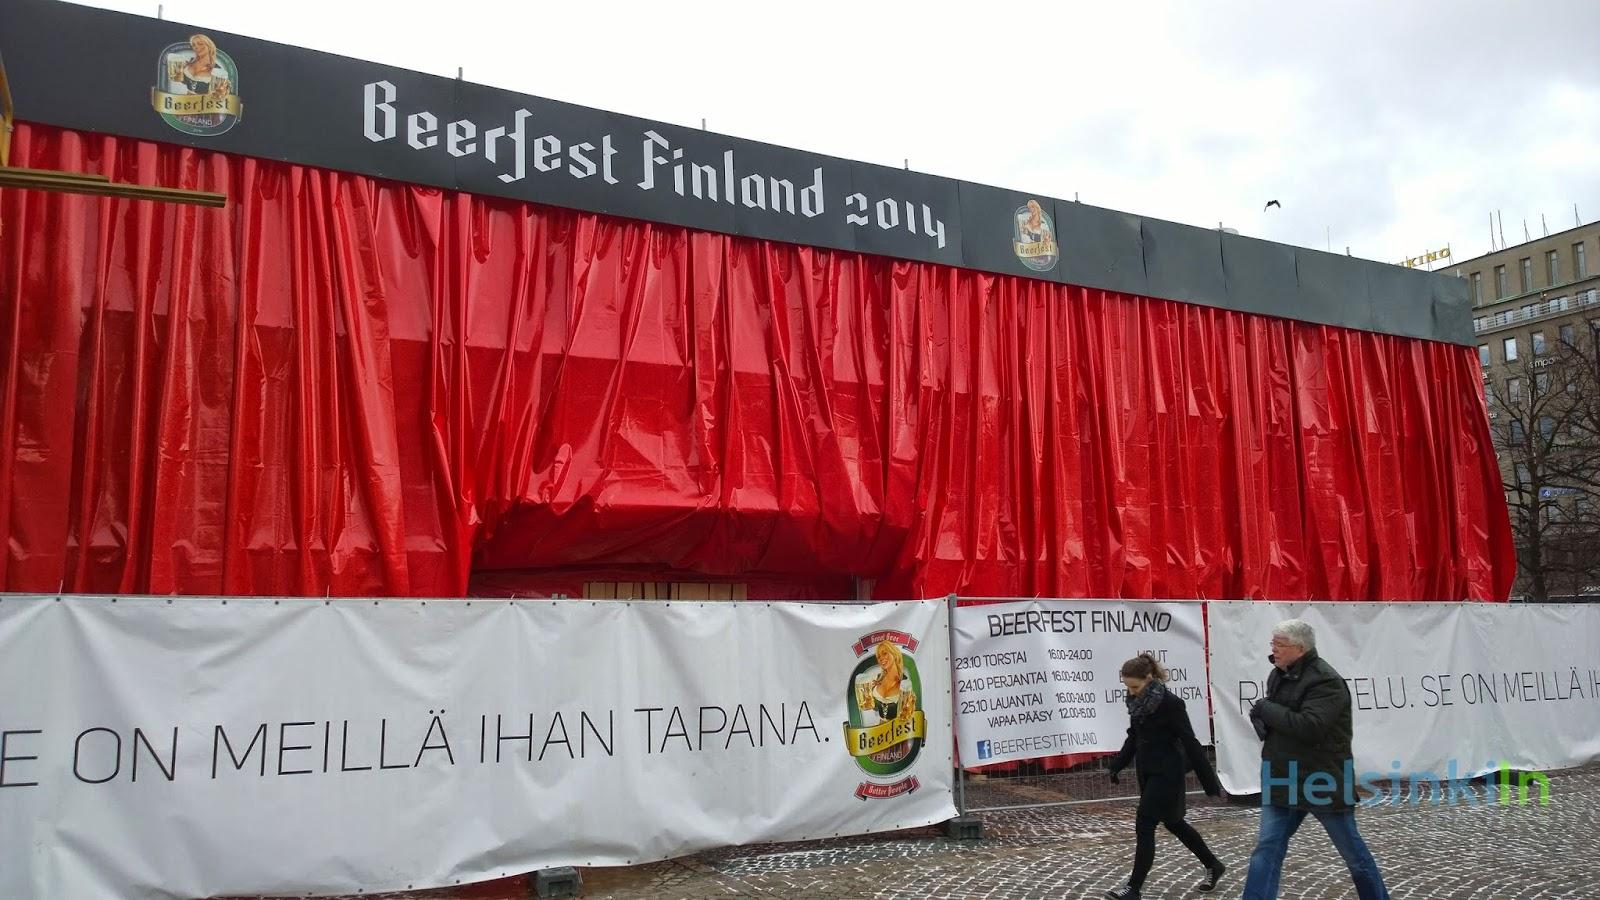 Beerfest Finland in Helsinki